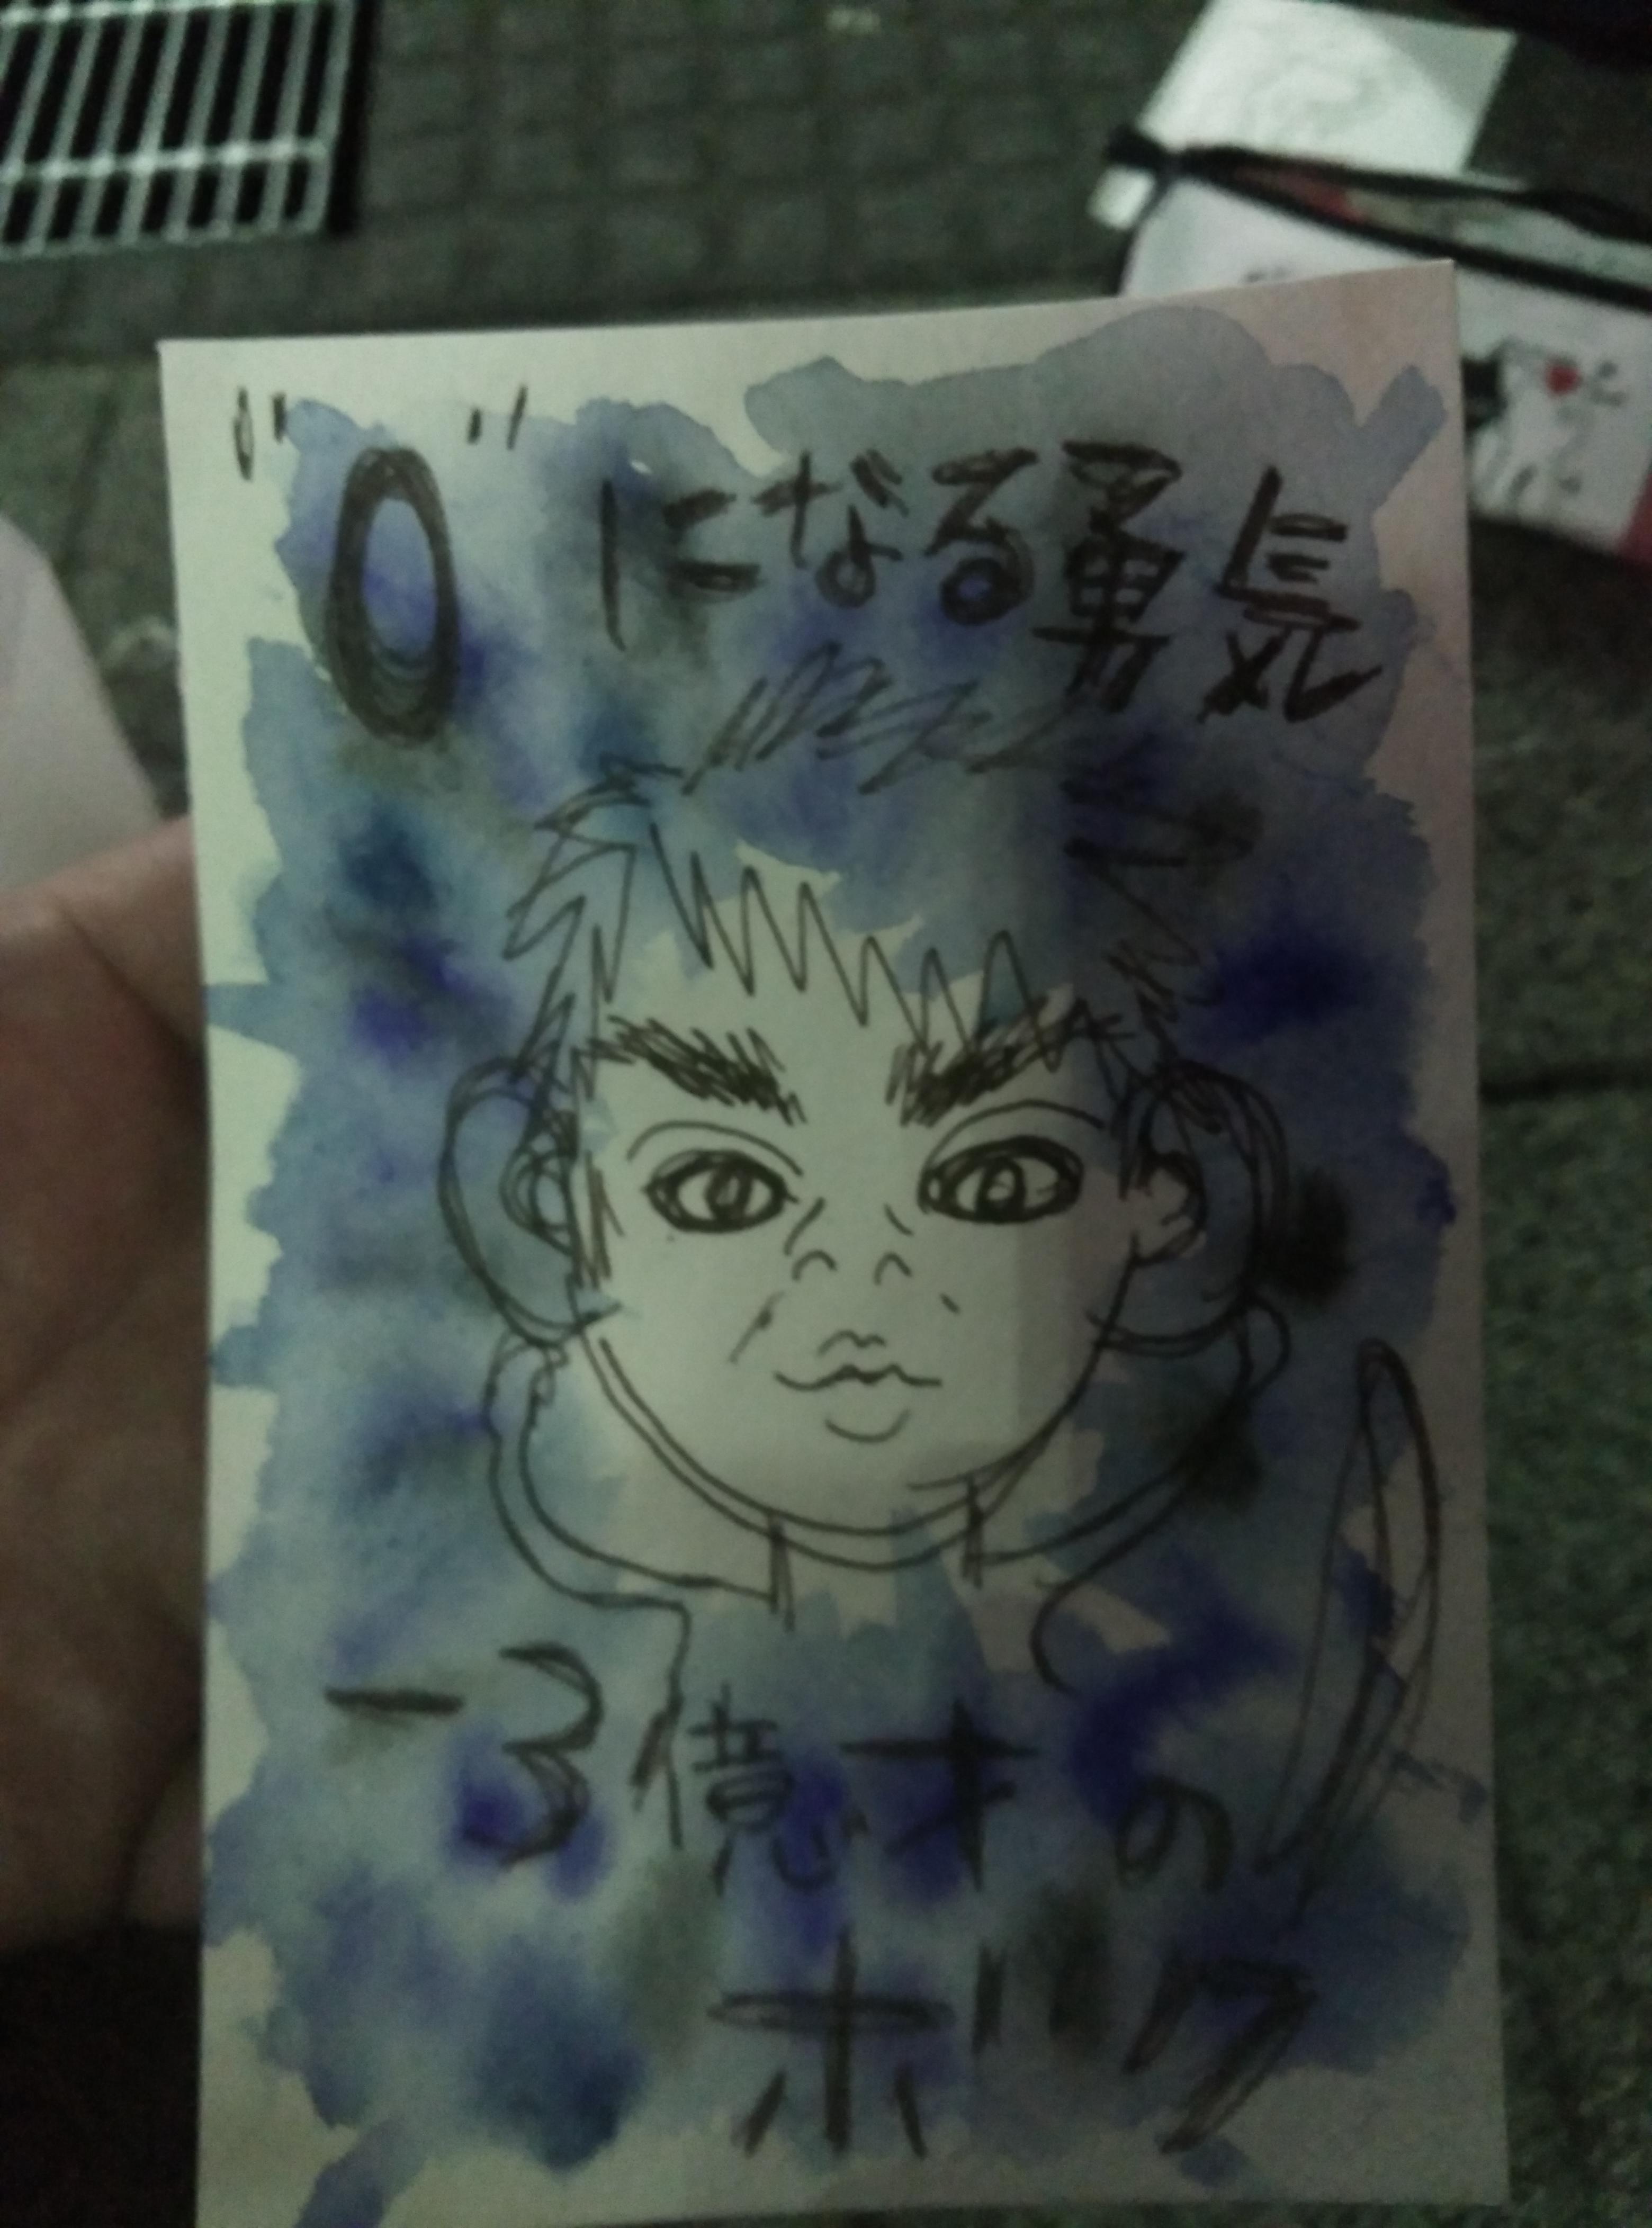 高円寺駅前で似顔絵